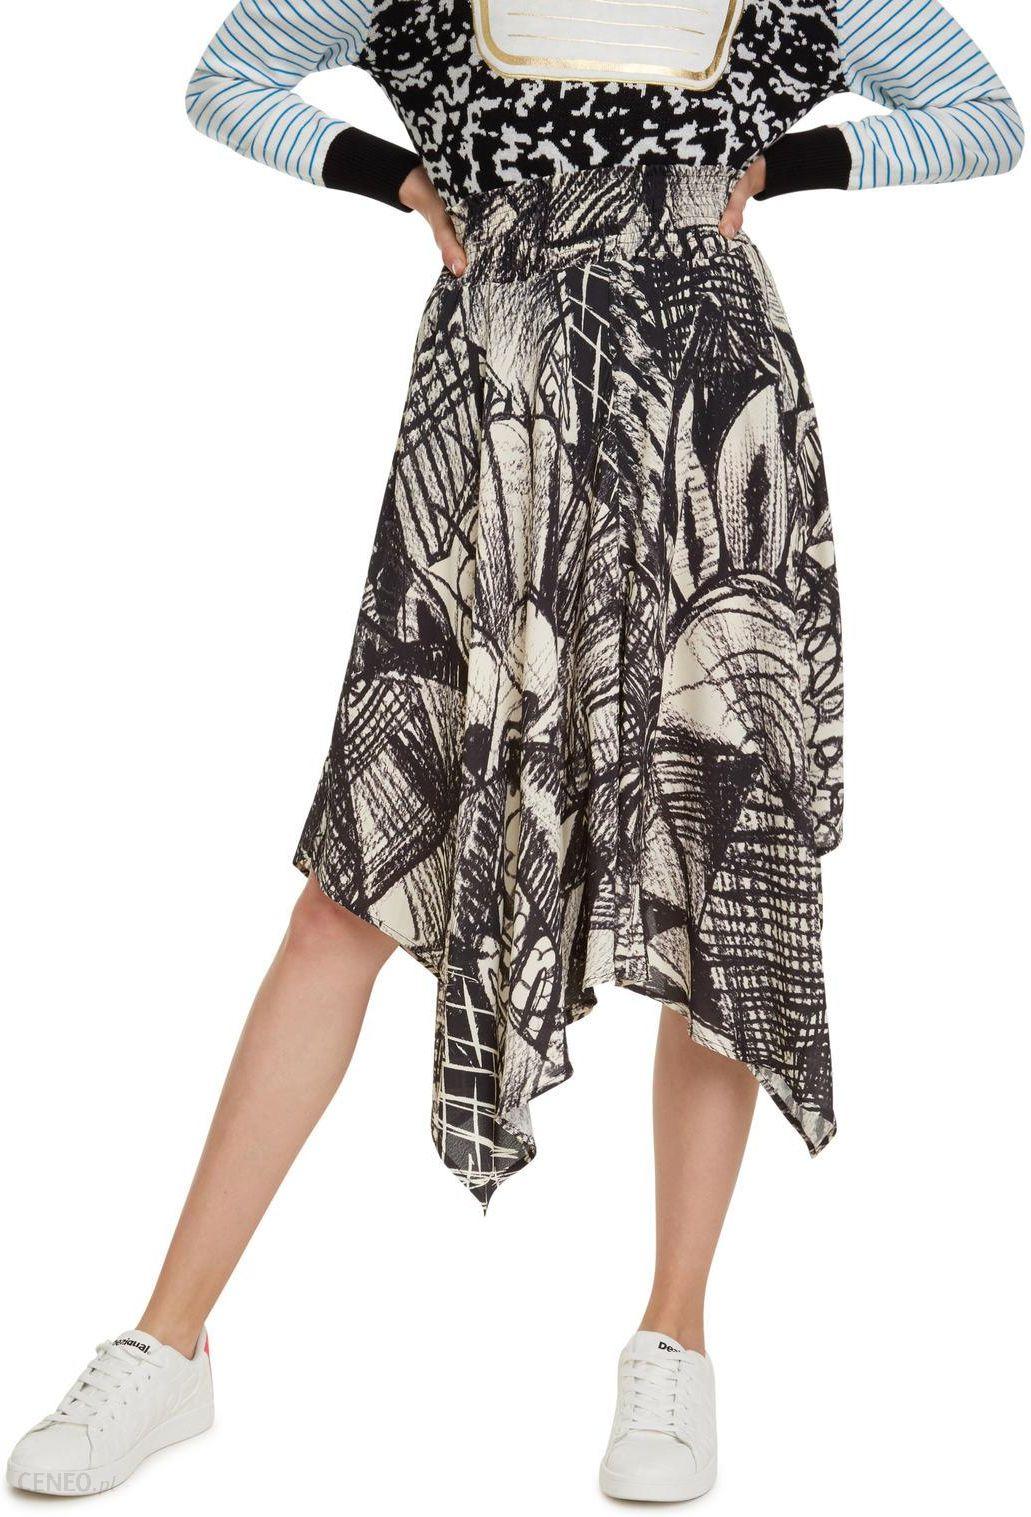 Wzorzysta mini spódnica z falbanami (u) JOYFUL radość